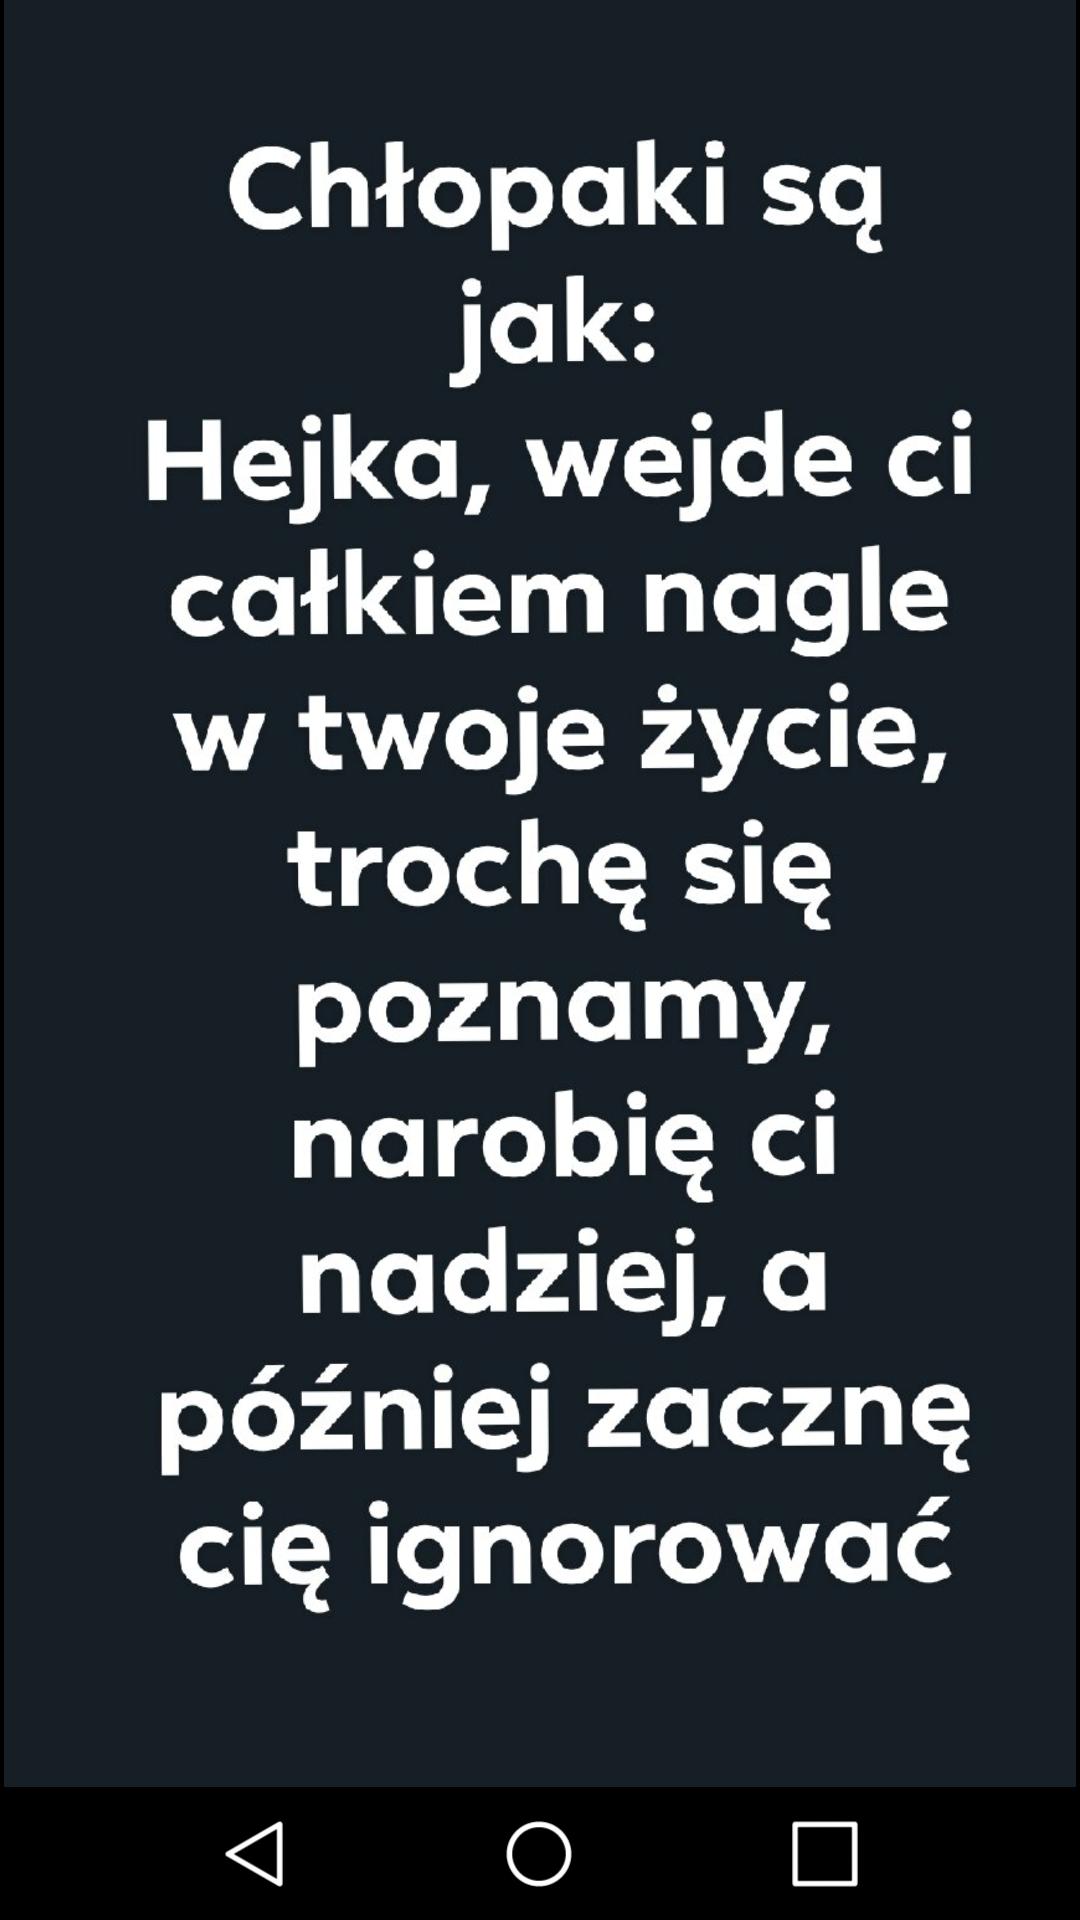 Pin By Misia Dominisia On Cytaty Inspirujace Cytaty Sarkastyczne Cytaty Glebokie Cytaty